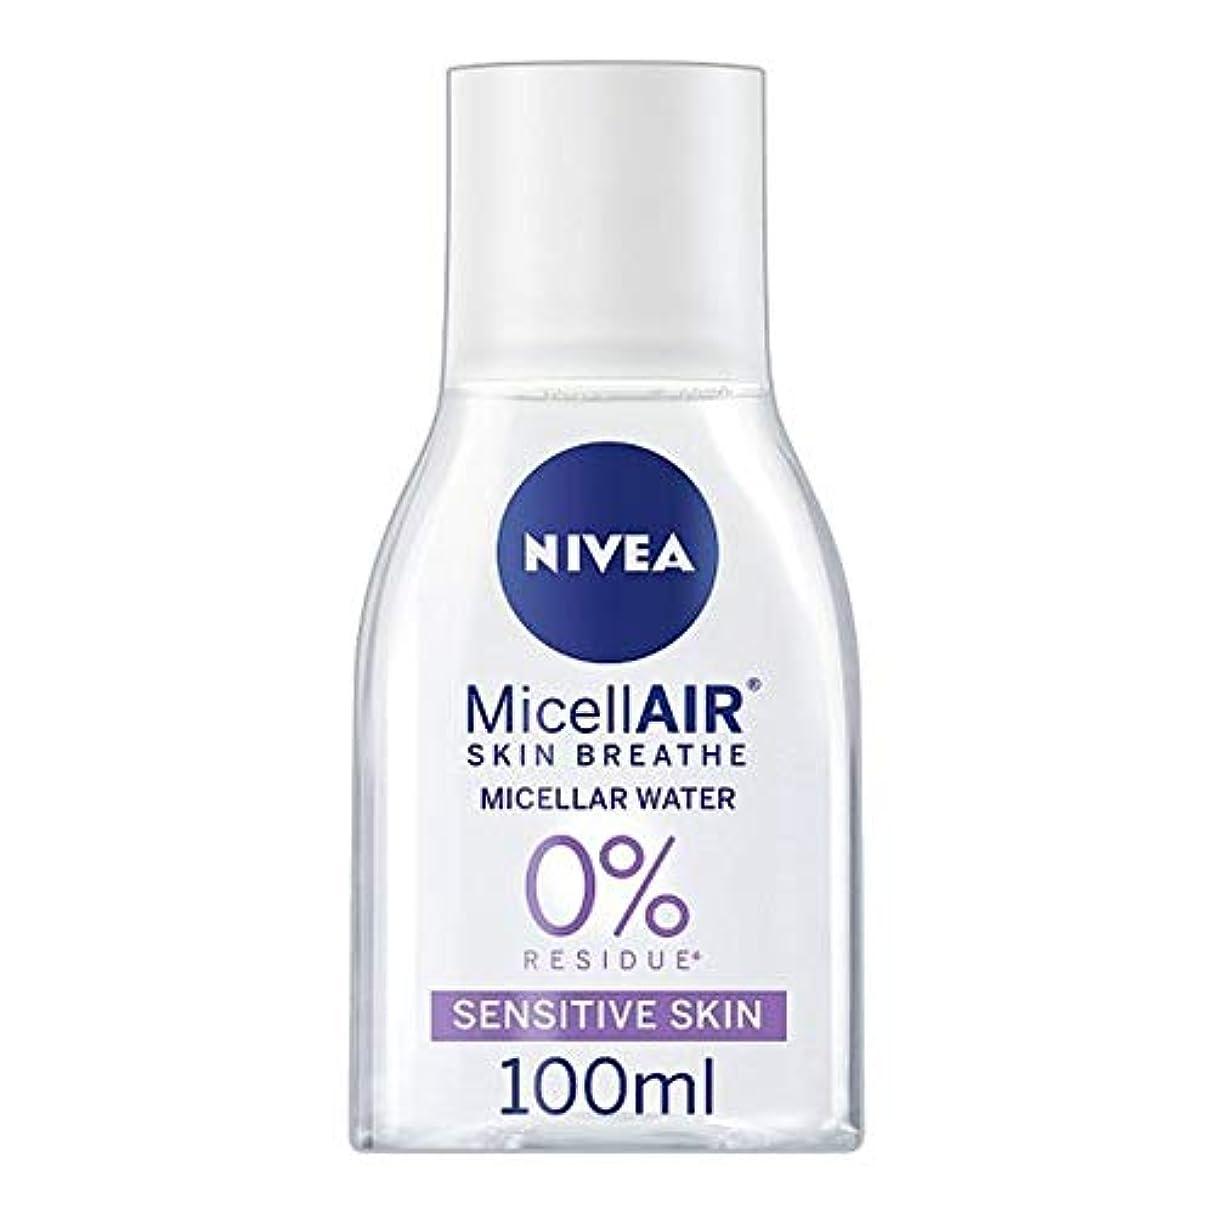 中性ペルセウス葉を拾う[Nivea] ニベアMicellair水敏感肌用100ミリリットル - Nivea Micellair Water Sensitive Skin 100Ml [並行輸入品]